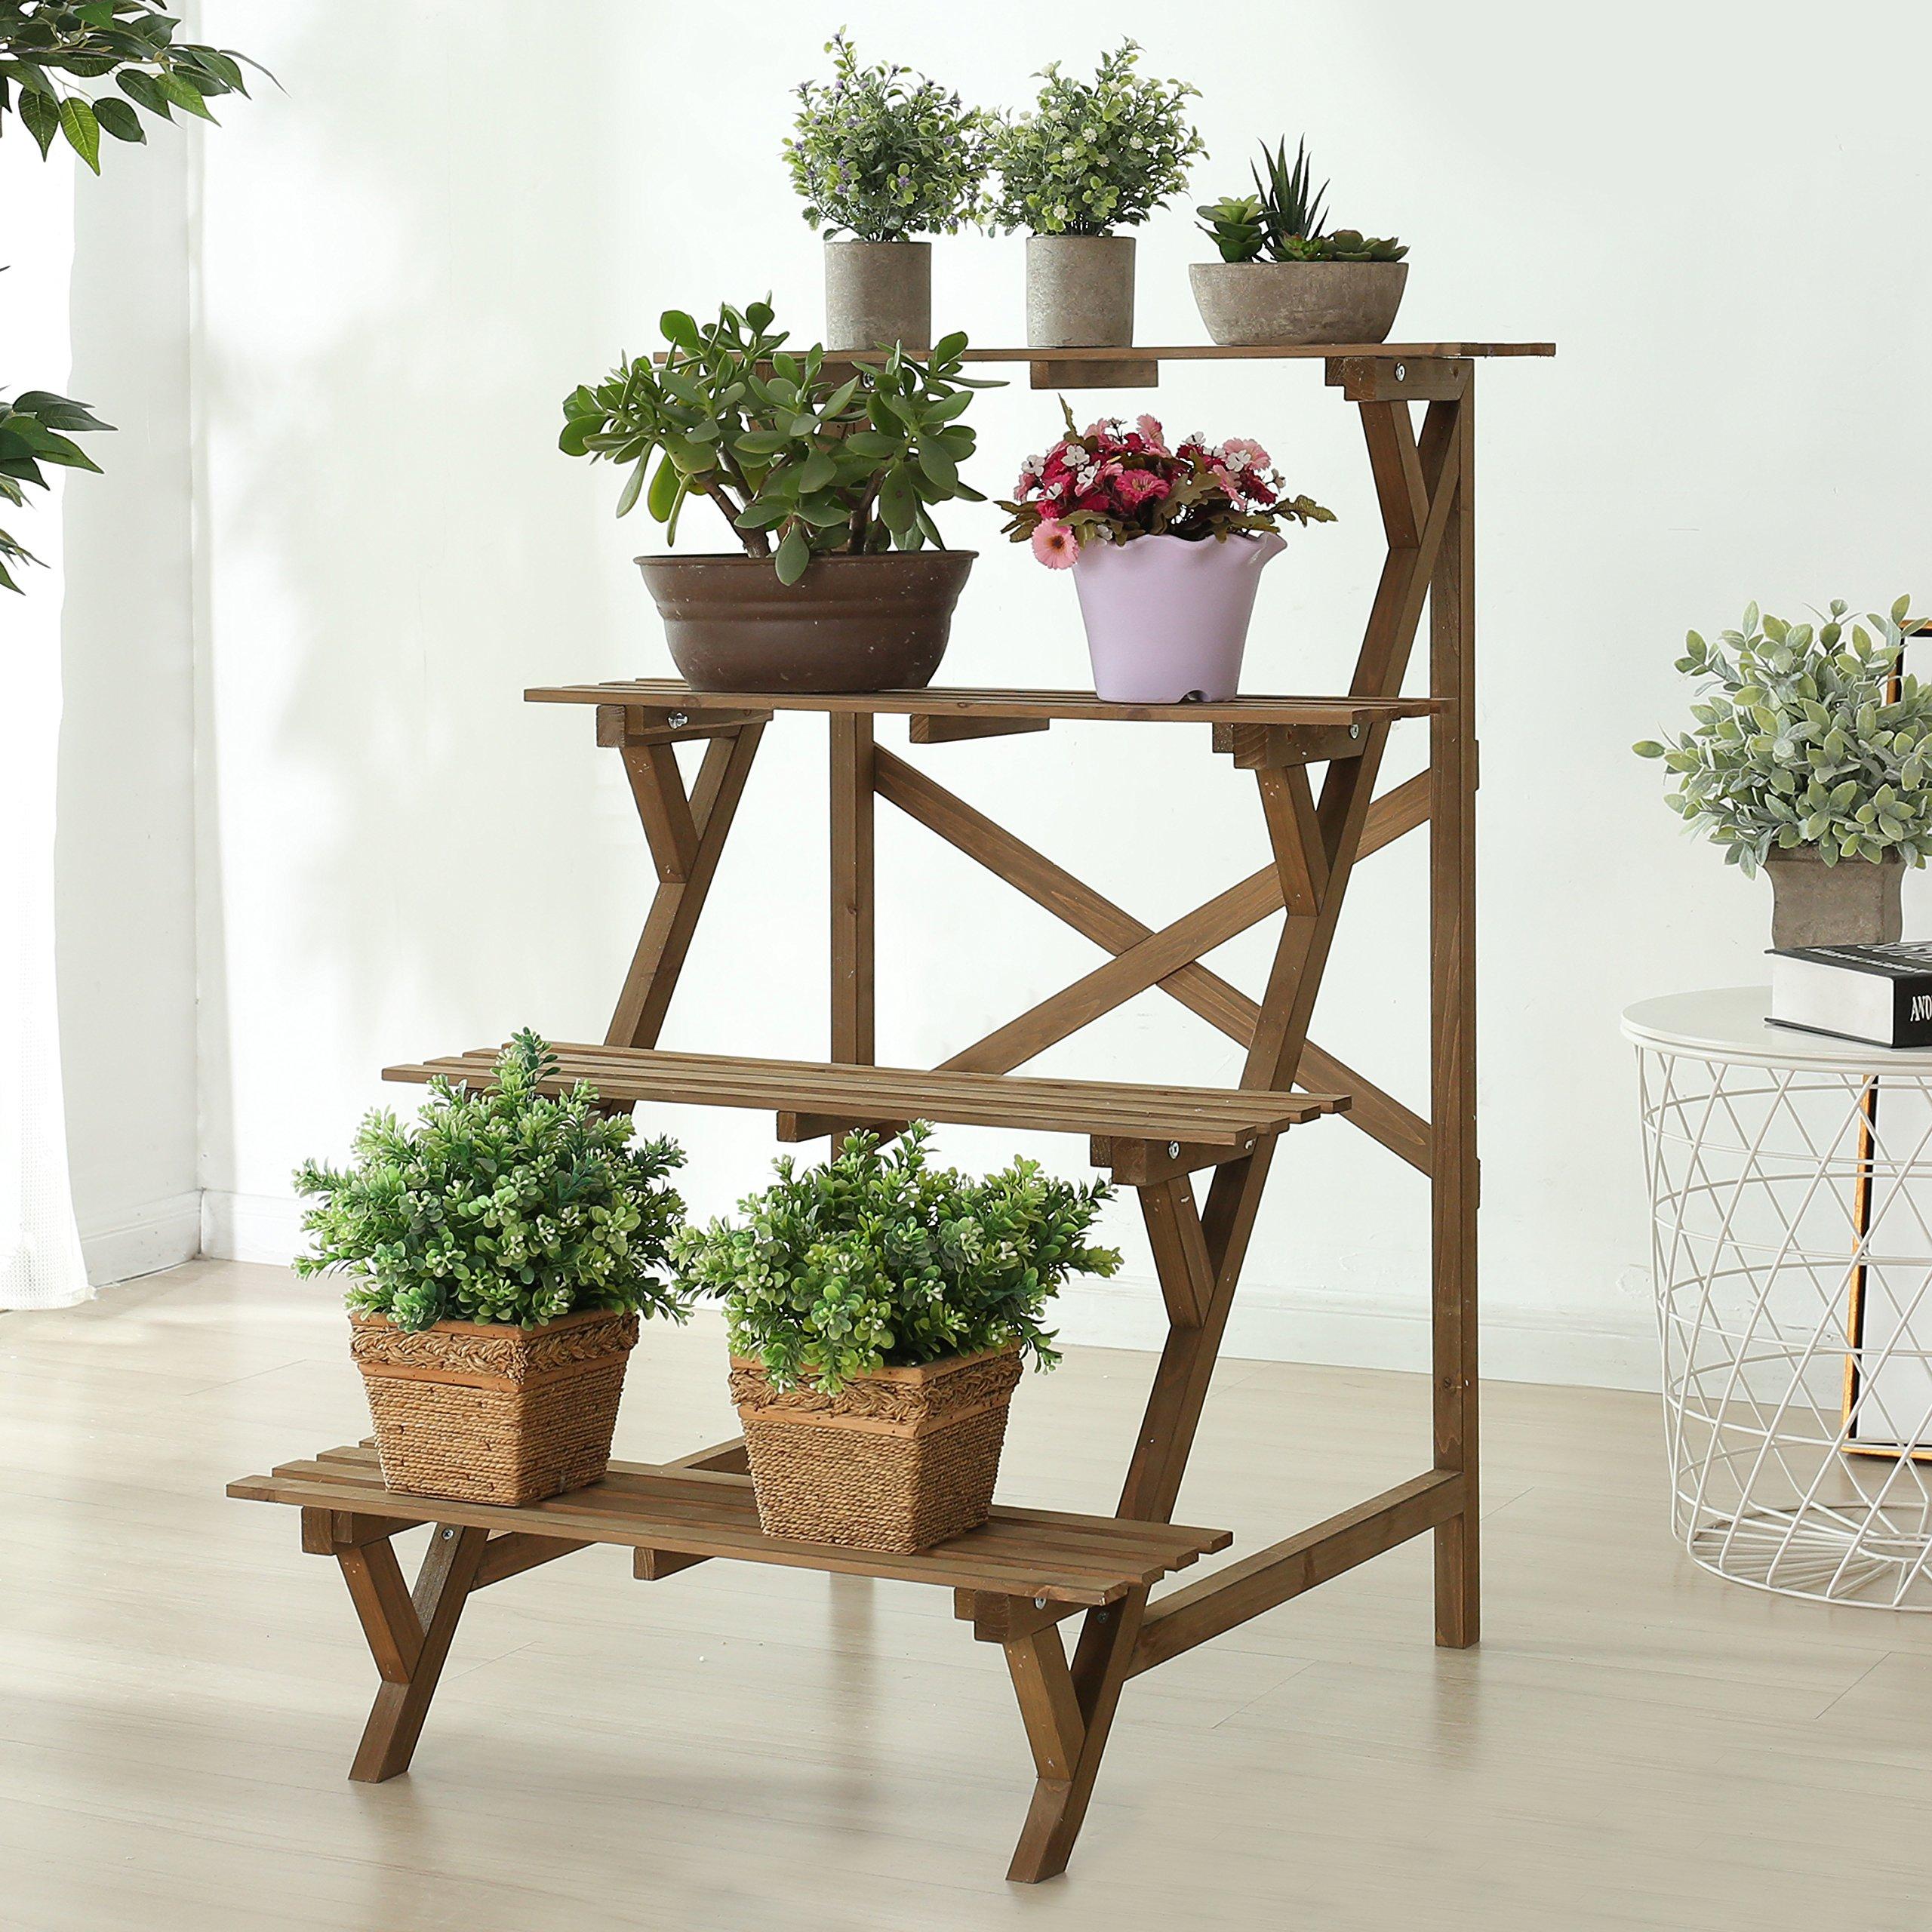 4 Tier Wood Slat Plant Rack, Indoor / Outdoor Garden Display Stand Shelf